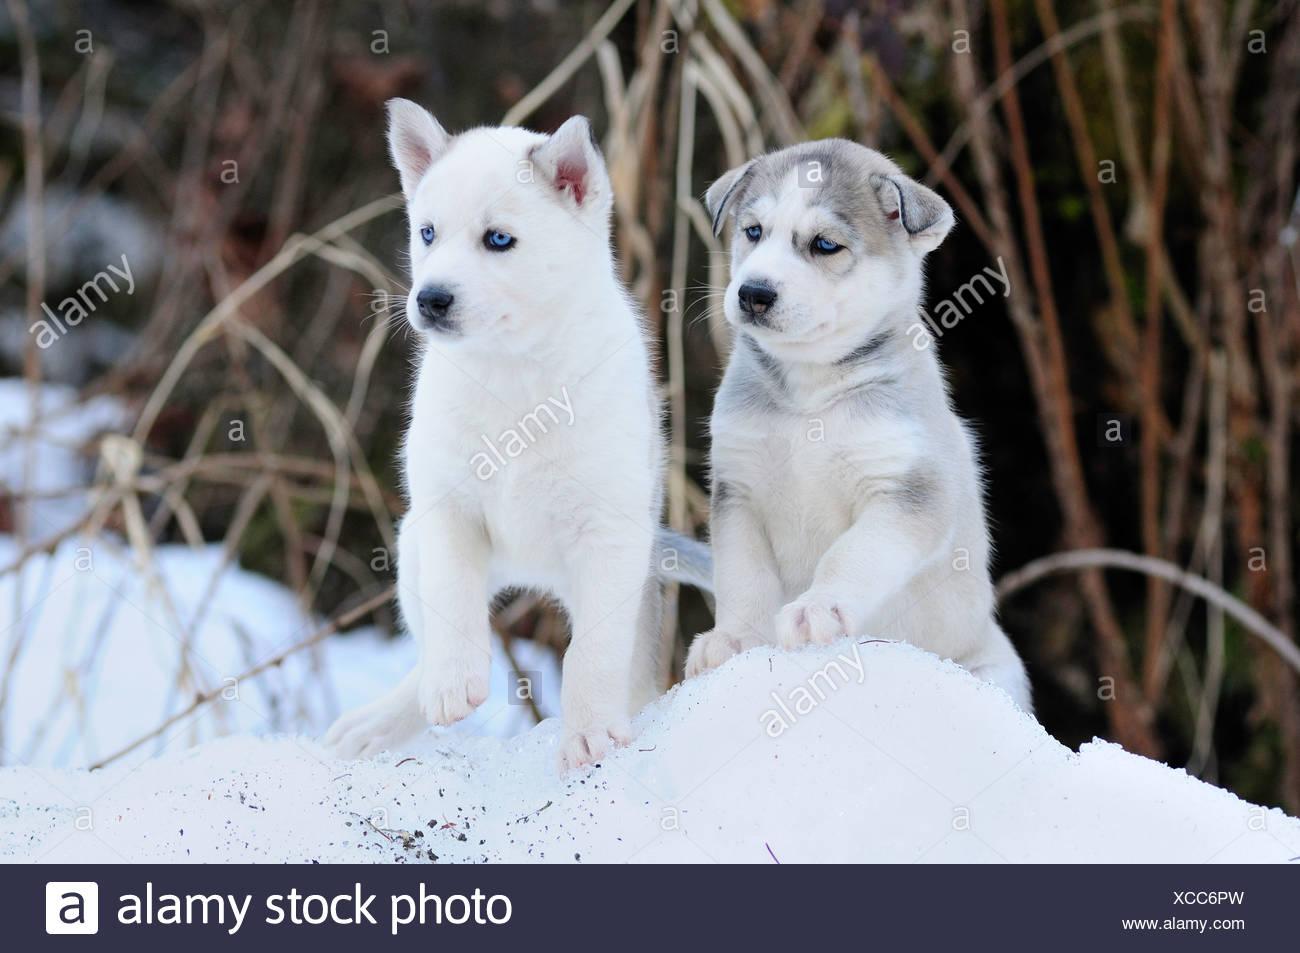 Sei settimane di età di razza Siberian Husky cuccioli nella neve a Bright Angel Park, stazione di Cowichan, BC. Immagini Stock